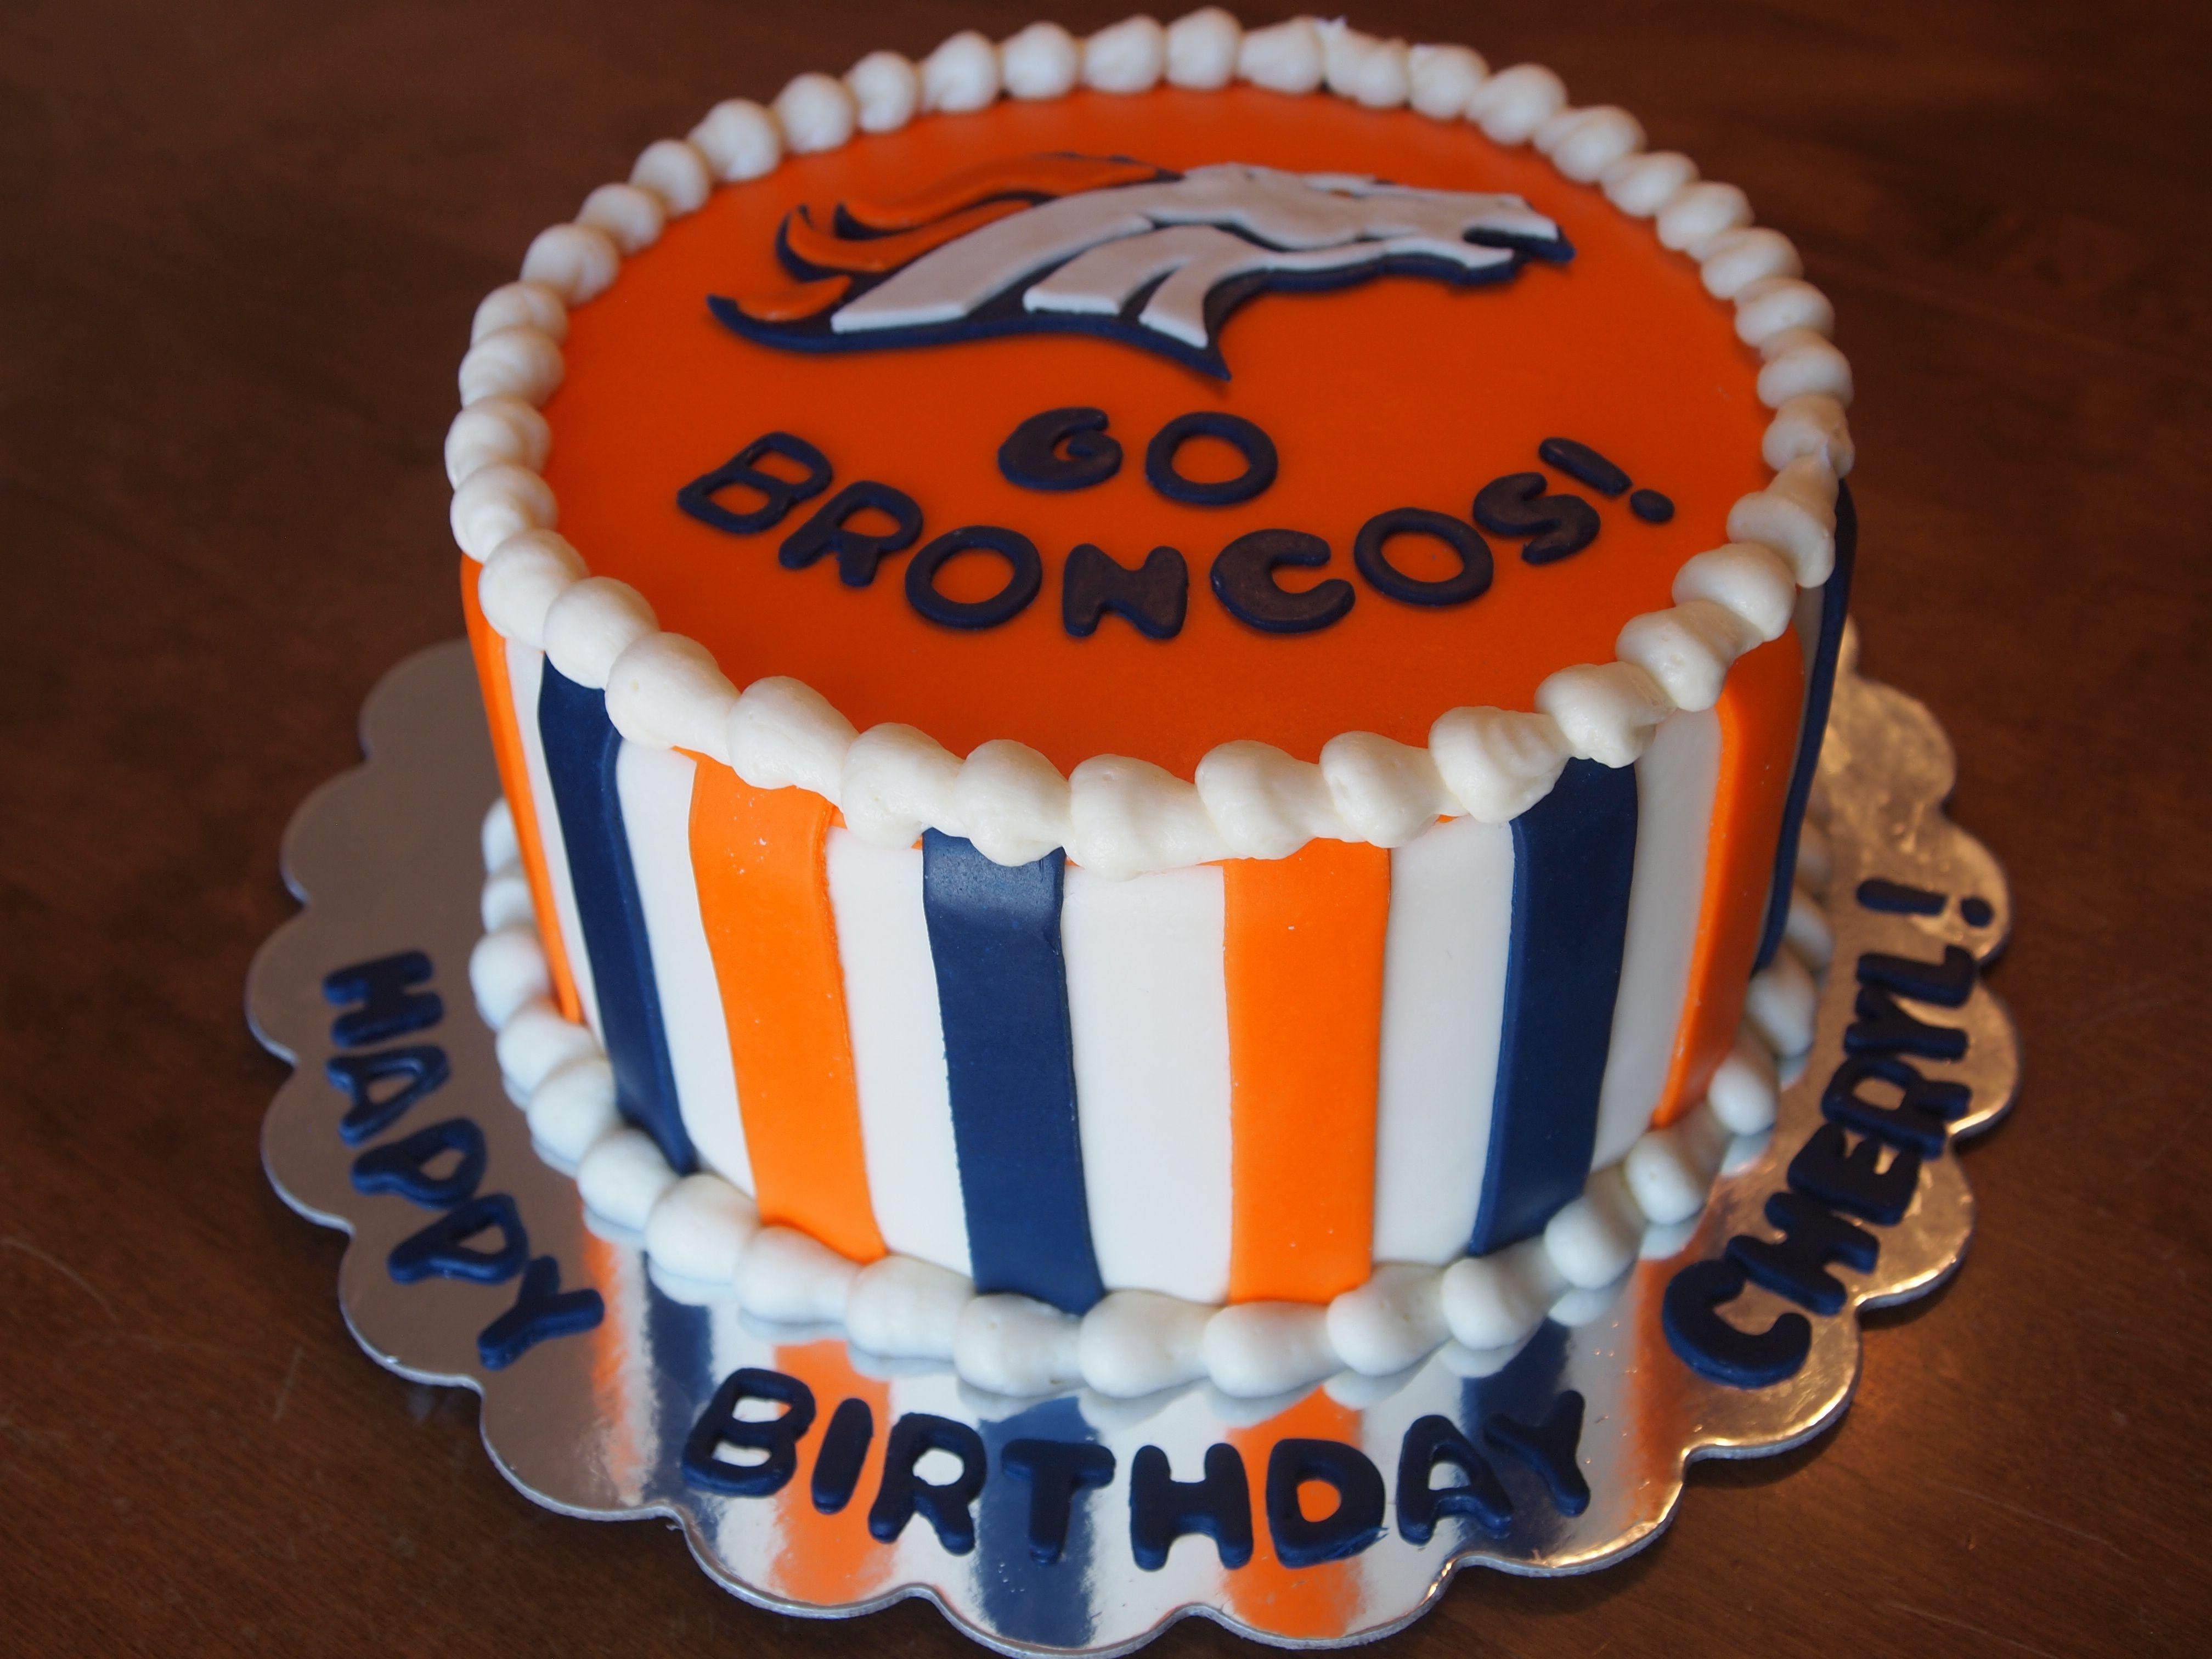 Denver Broncos Cake denverbroncoscake gobroncos fondantbronco